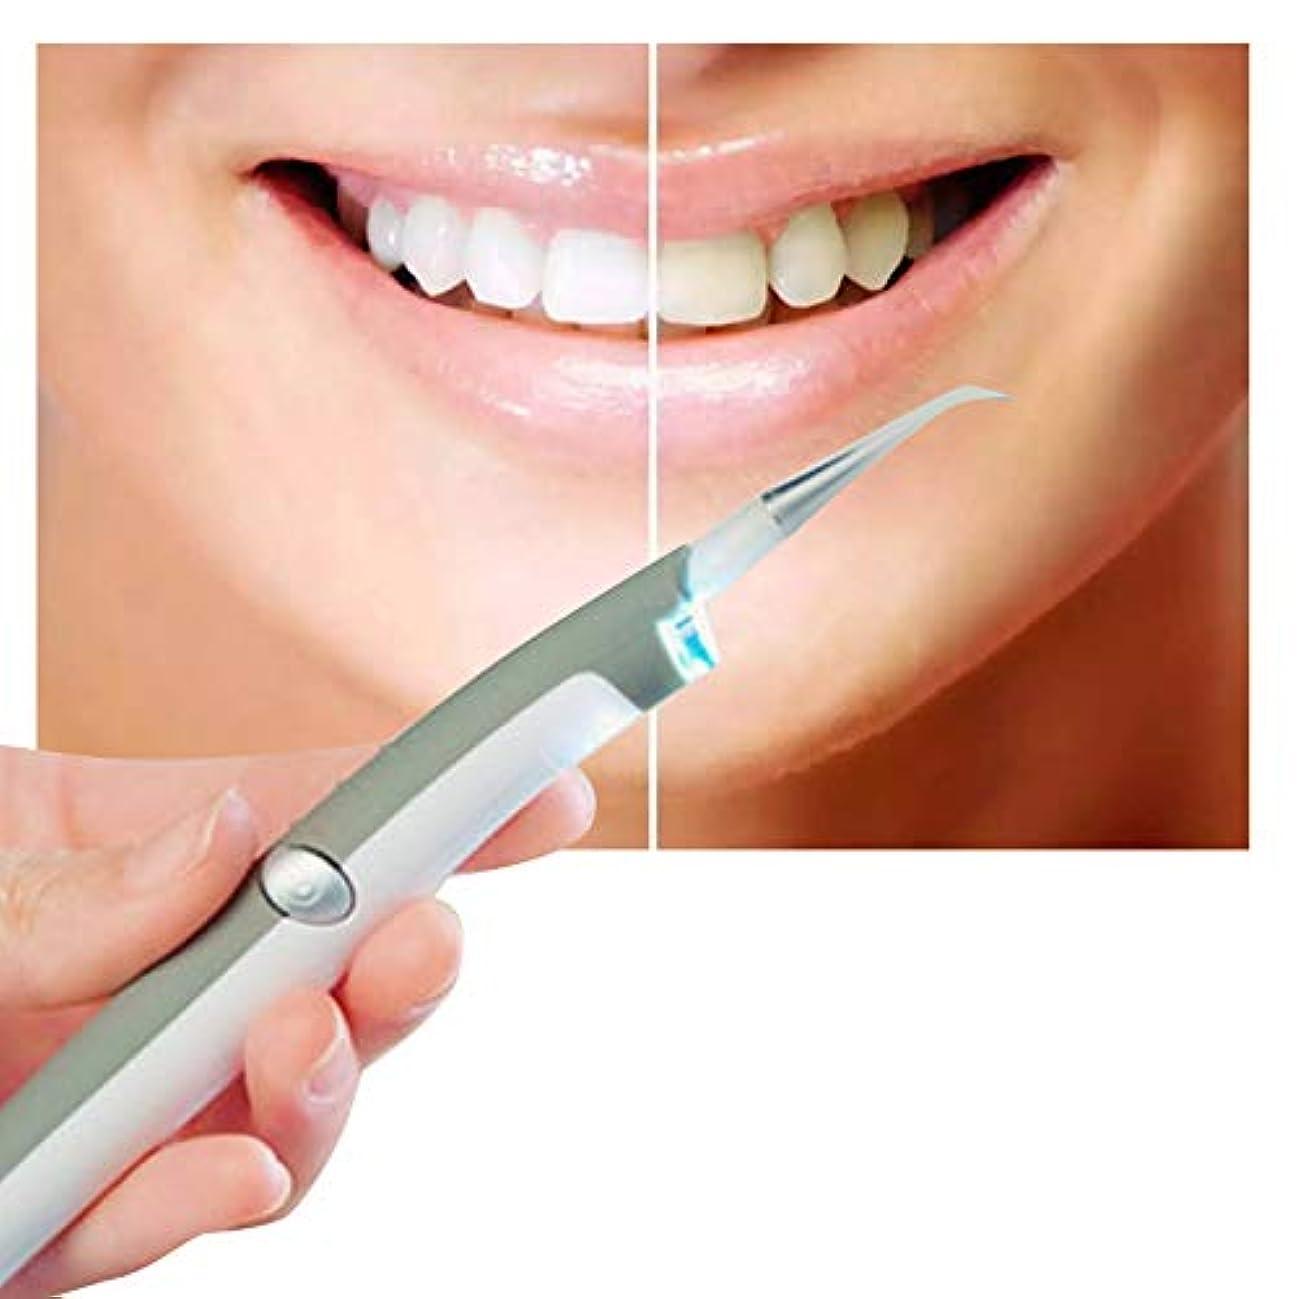 枯渇する登録つなぐixaer LED歯科用ツールキット ソニック 音波振動 歯科用ポリッシャー 歯間クリーナー ステインバスター 歯垢や歯石などを予防 歯の汚れ消しゴム オーラルケア クリーニングツール